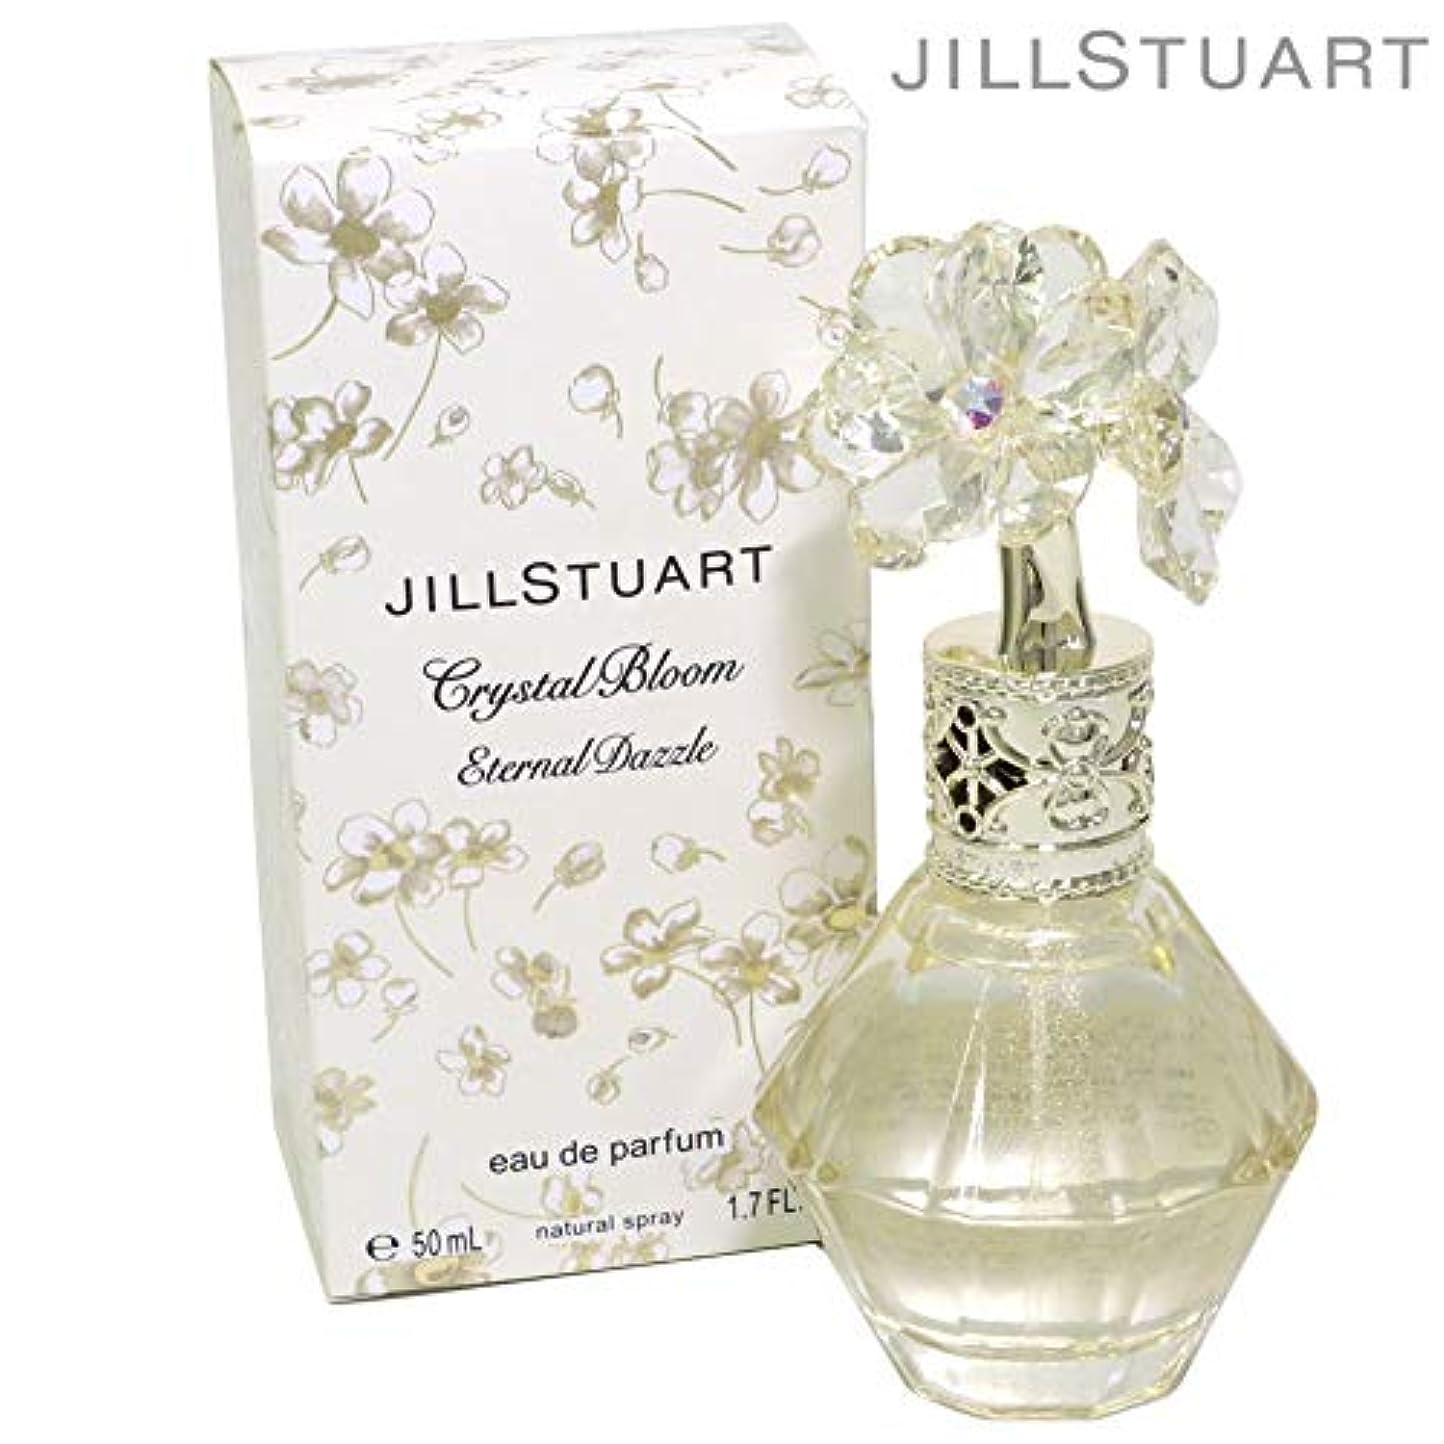 ベッツィトロットウッド甘やかす判決JILL STUART(ジルスチュアート) クリスタルブルーム エターナルダズル オードパルファン 50ml 『Crystal Bloom Eternal Dazzle eau de parfum』